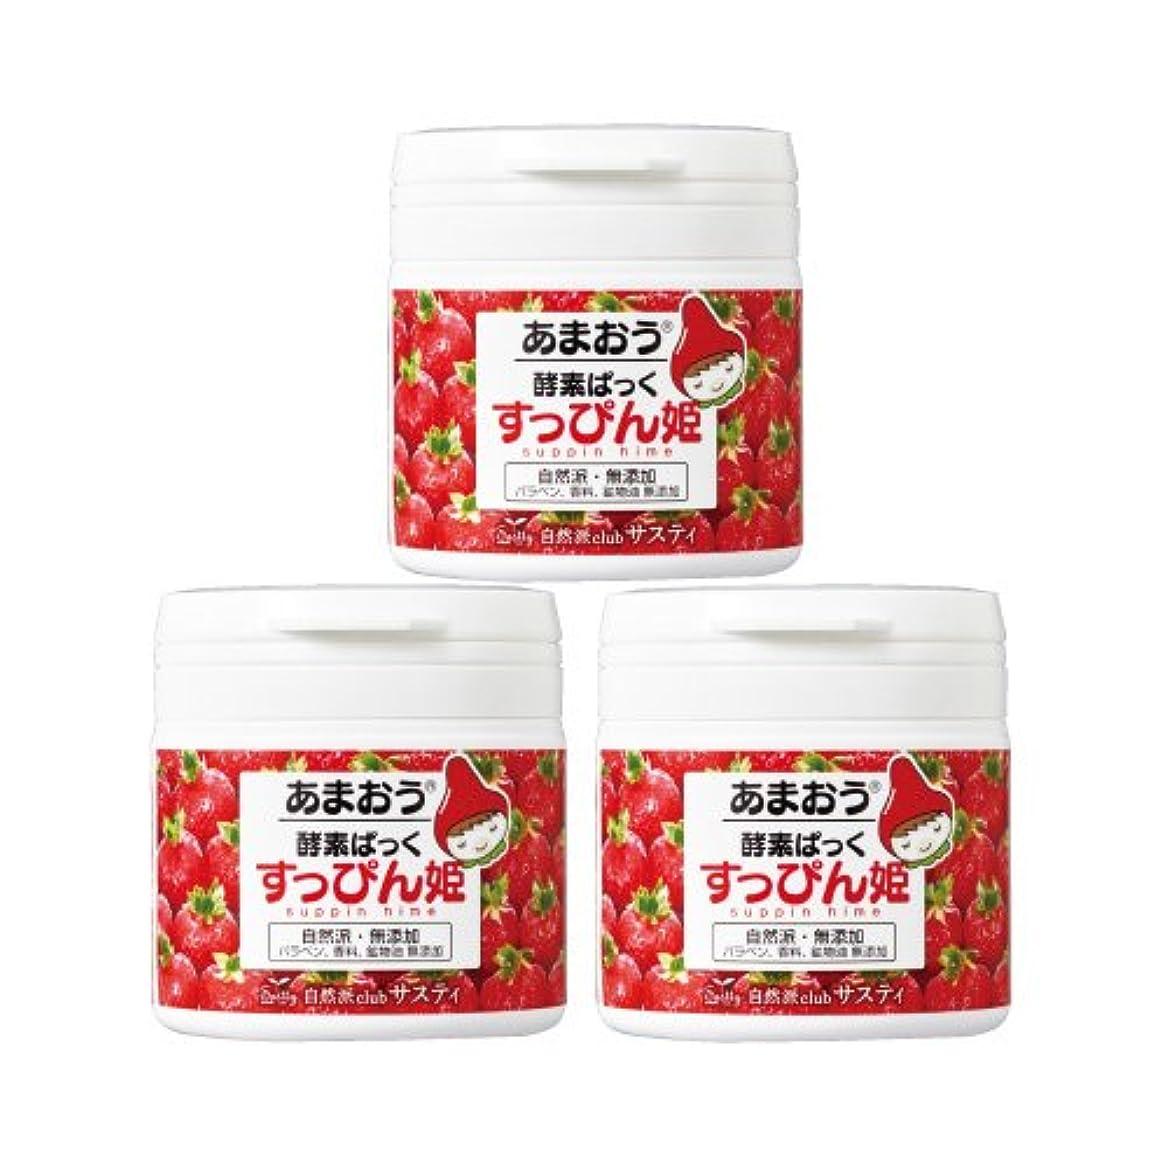 菊ブレーク卑しいあまおう(R)酵素ぱっく「すっぴん姫」 3個セット